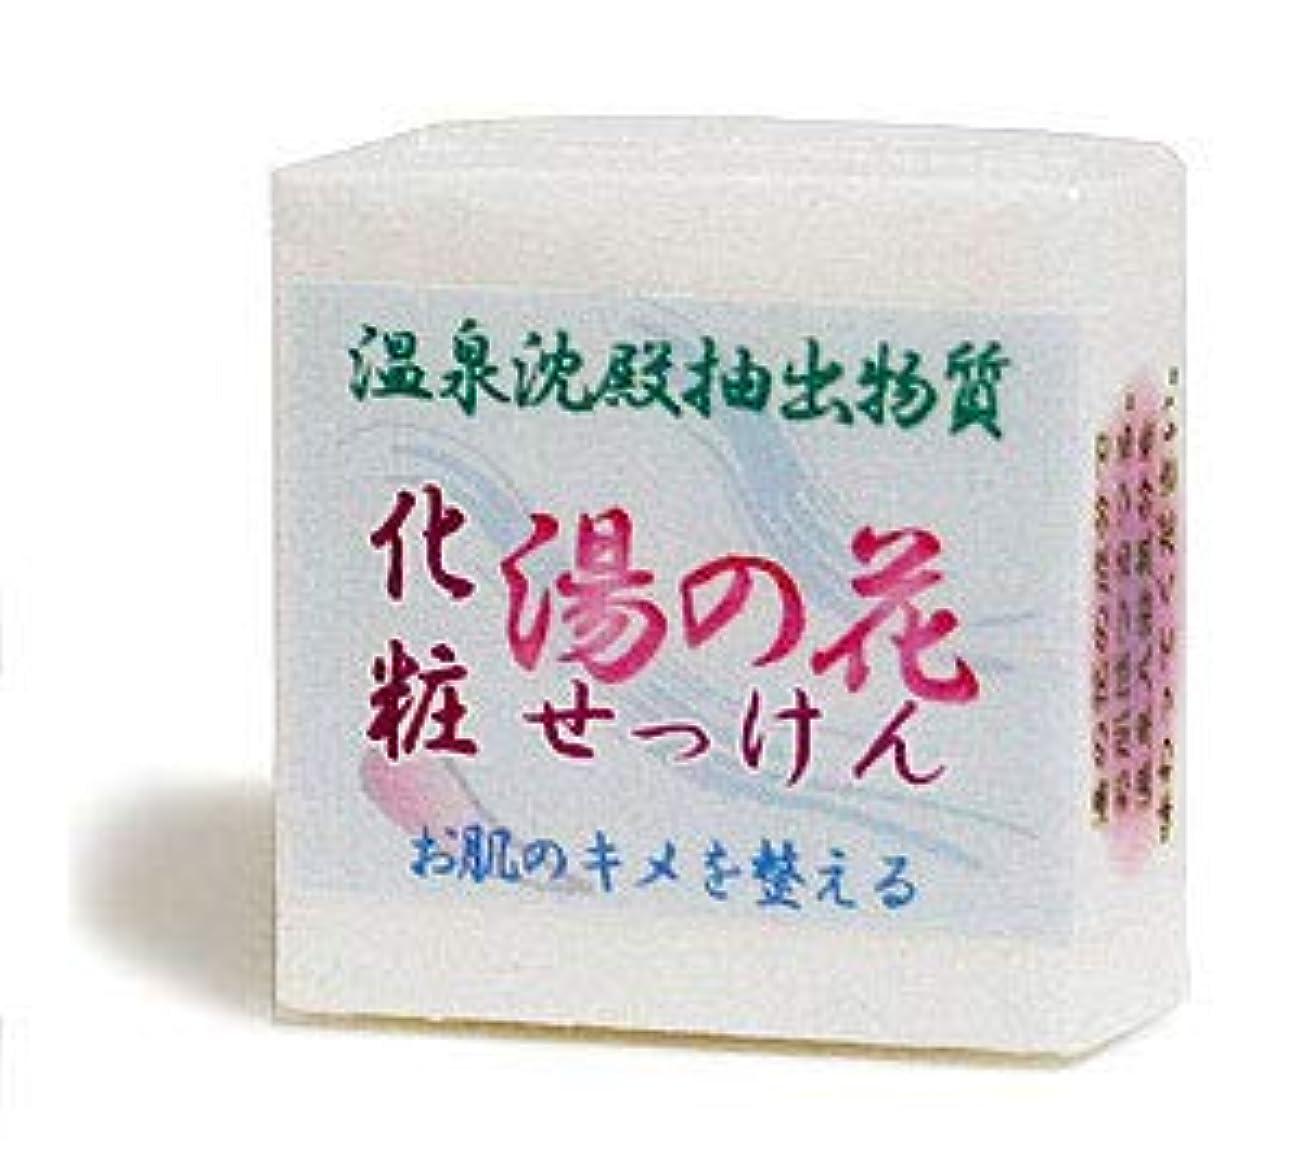 吐き出す無人スローガン湯の花化粧石鹸 ハーフサイズ